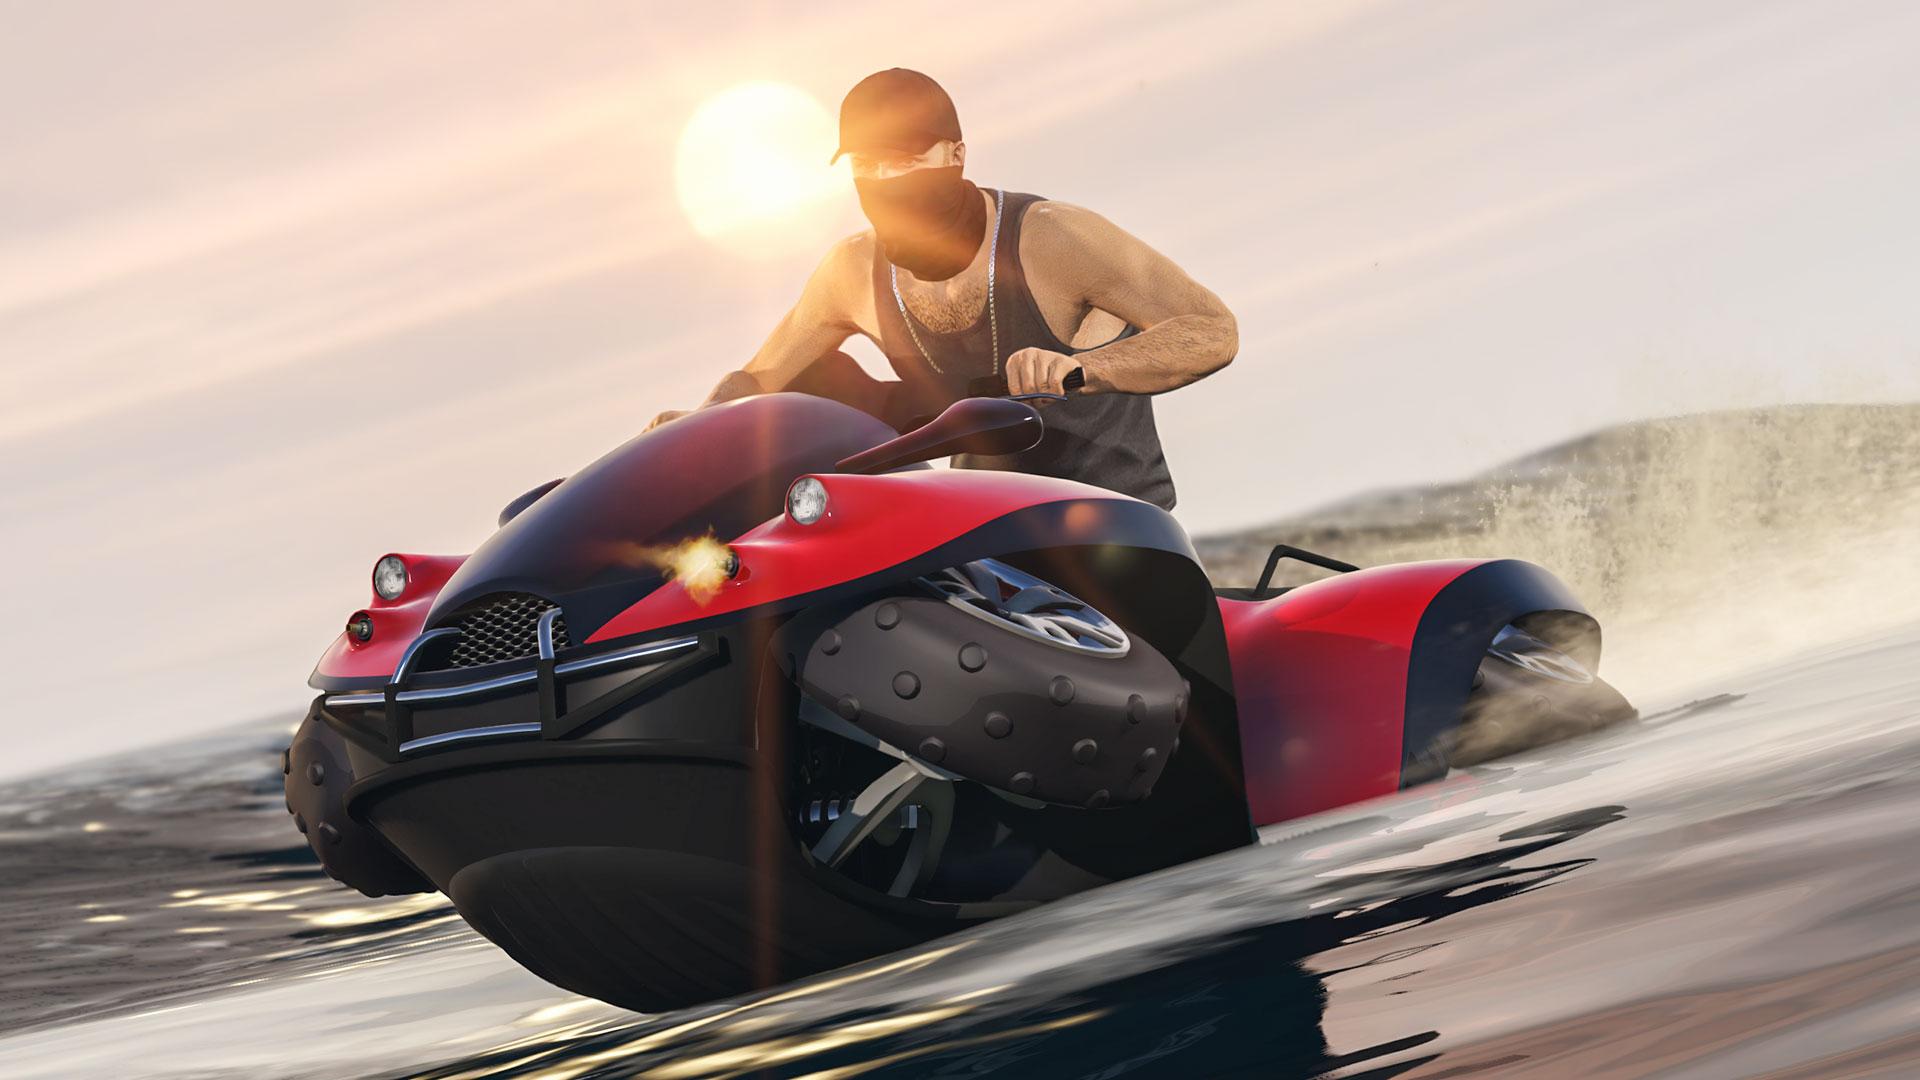 《GTA Online》双倍奖励尽在特殊载具任务插图7